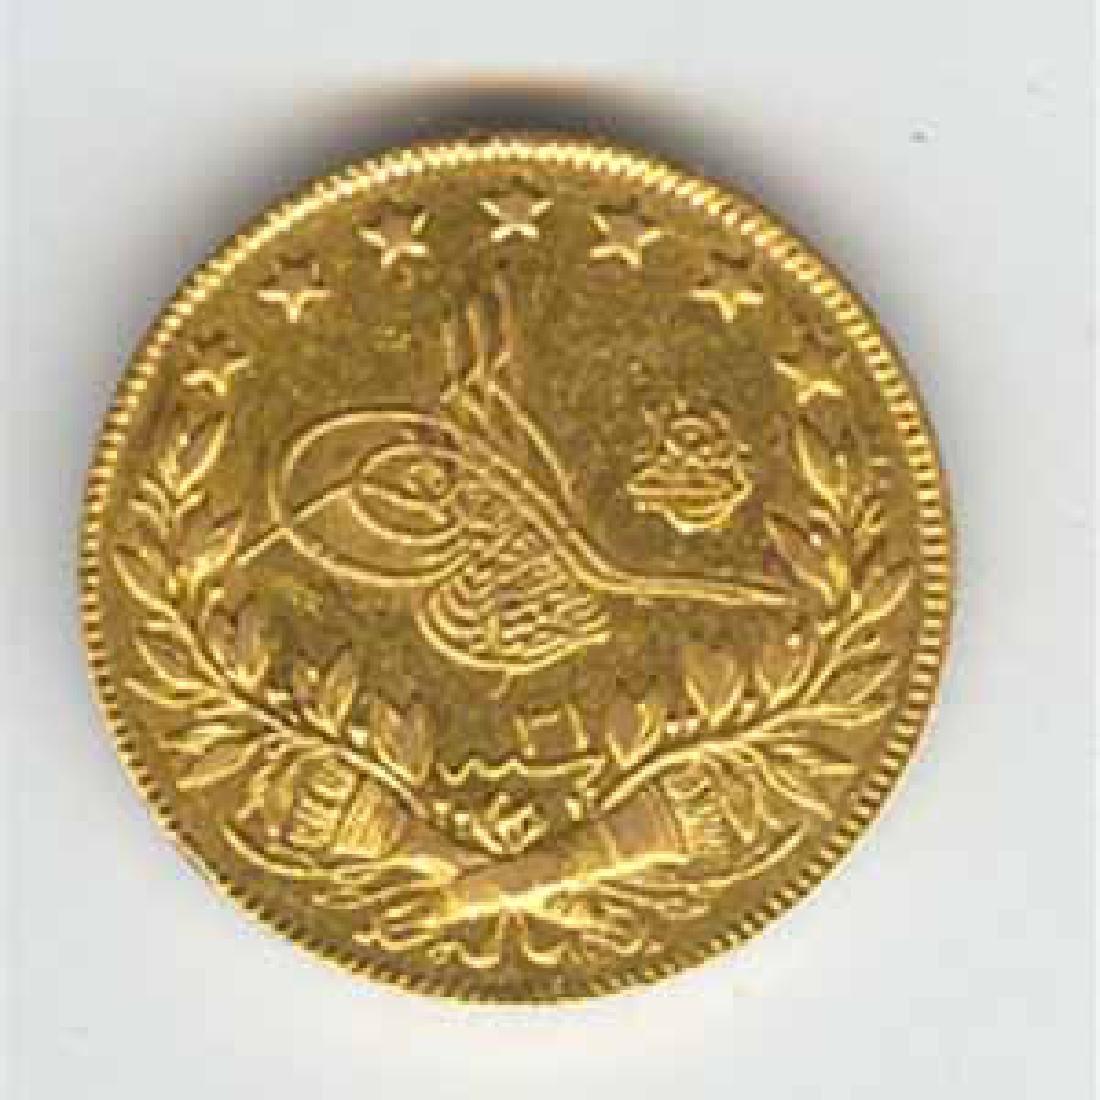 Turkey 100 kurush gold 1876-1908 Abdul Hamid II